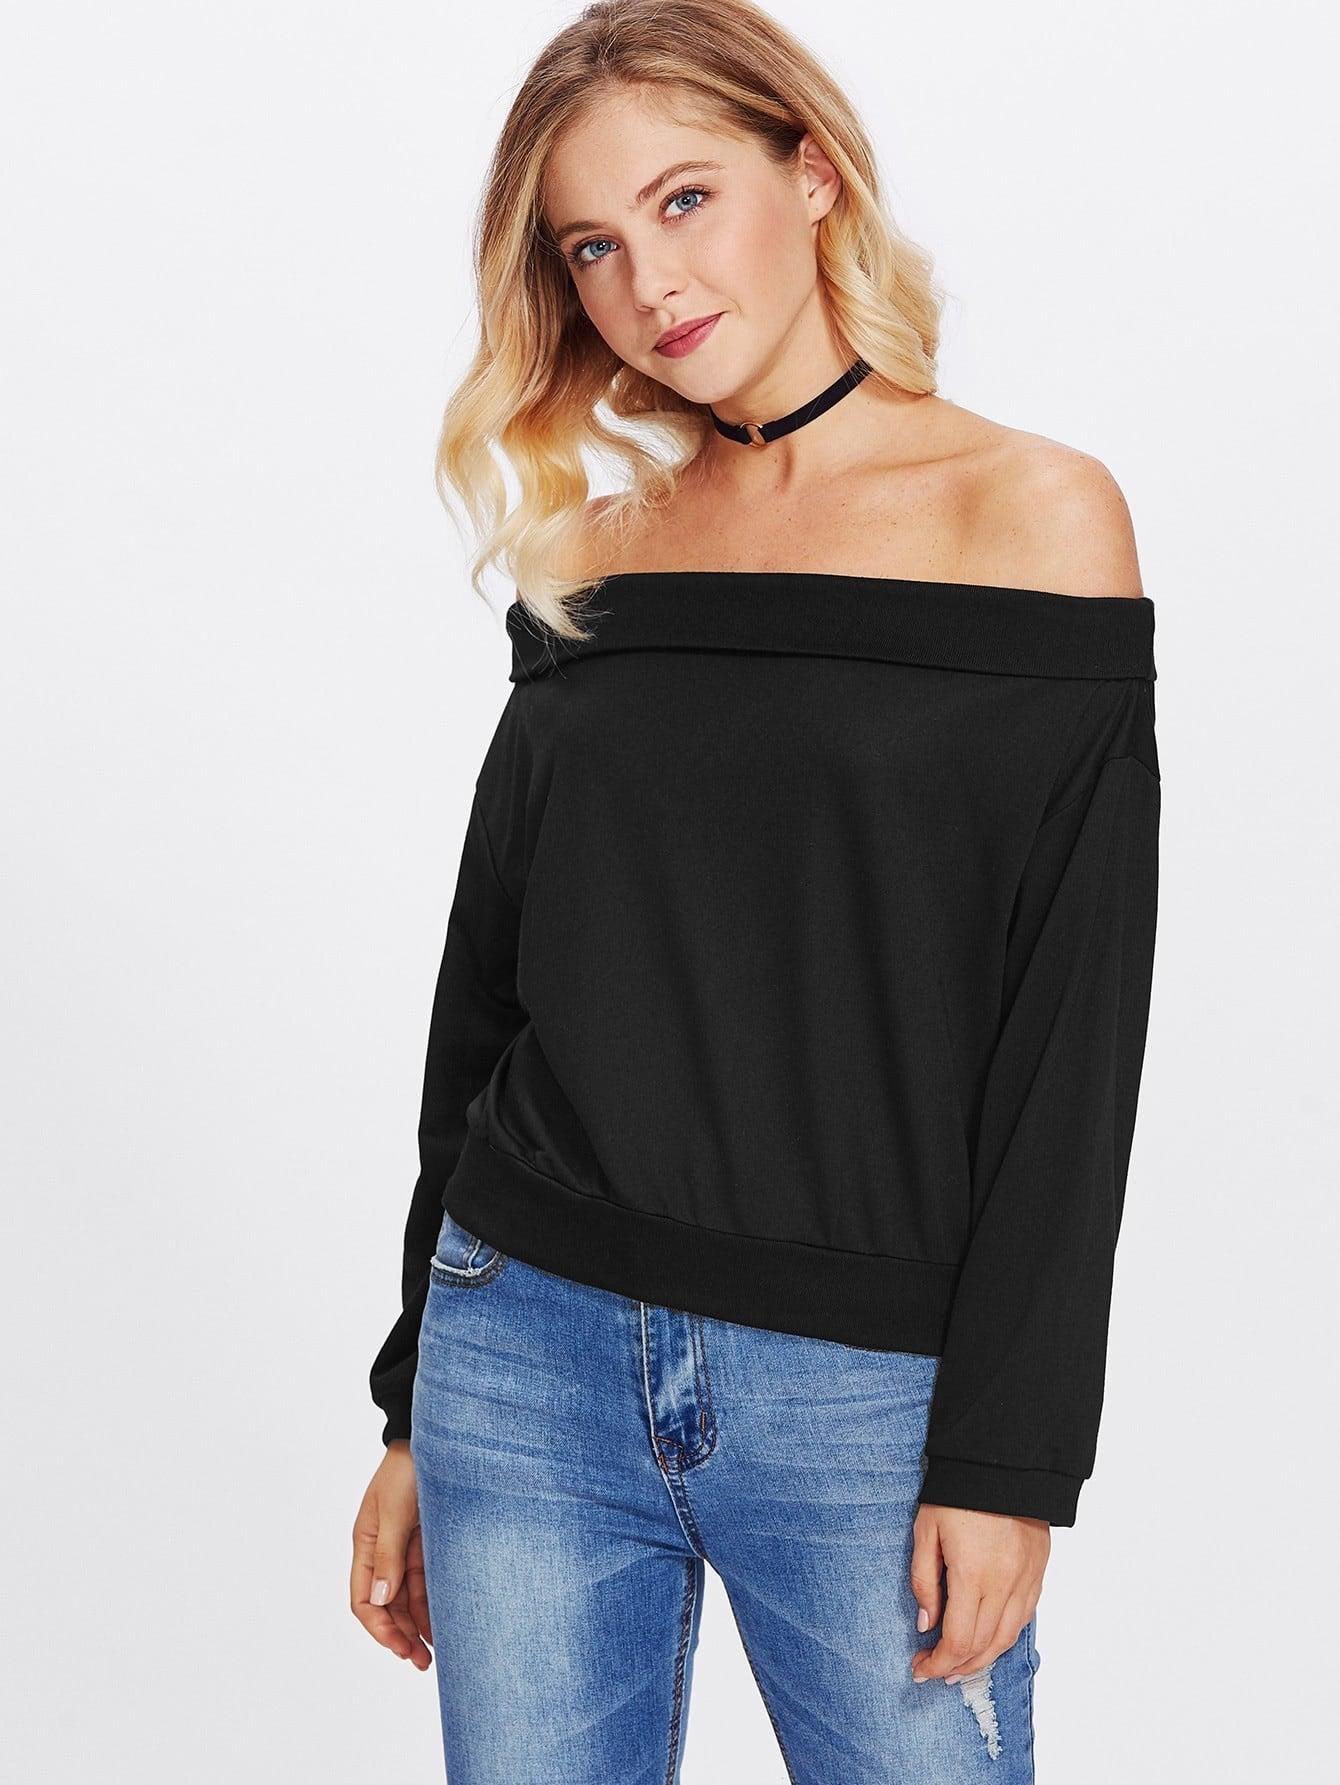 Off Shoulder Blouse blouse luxmix blouse